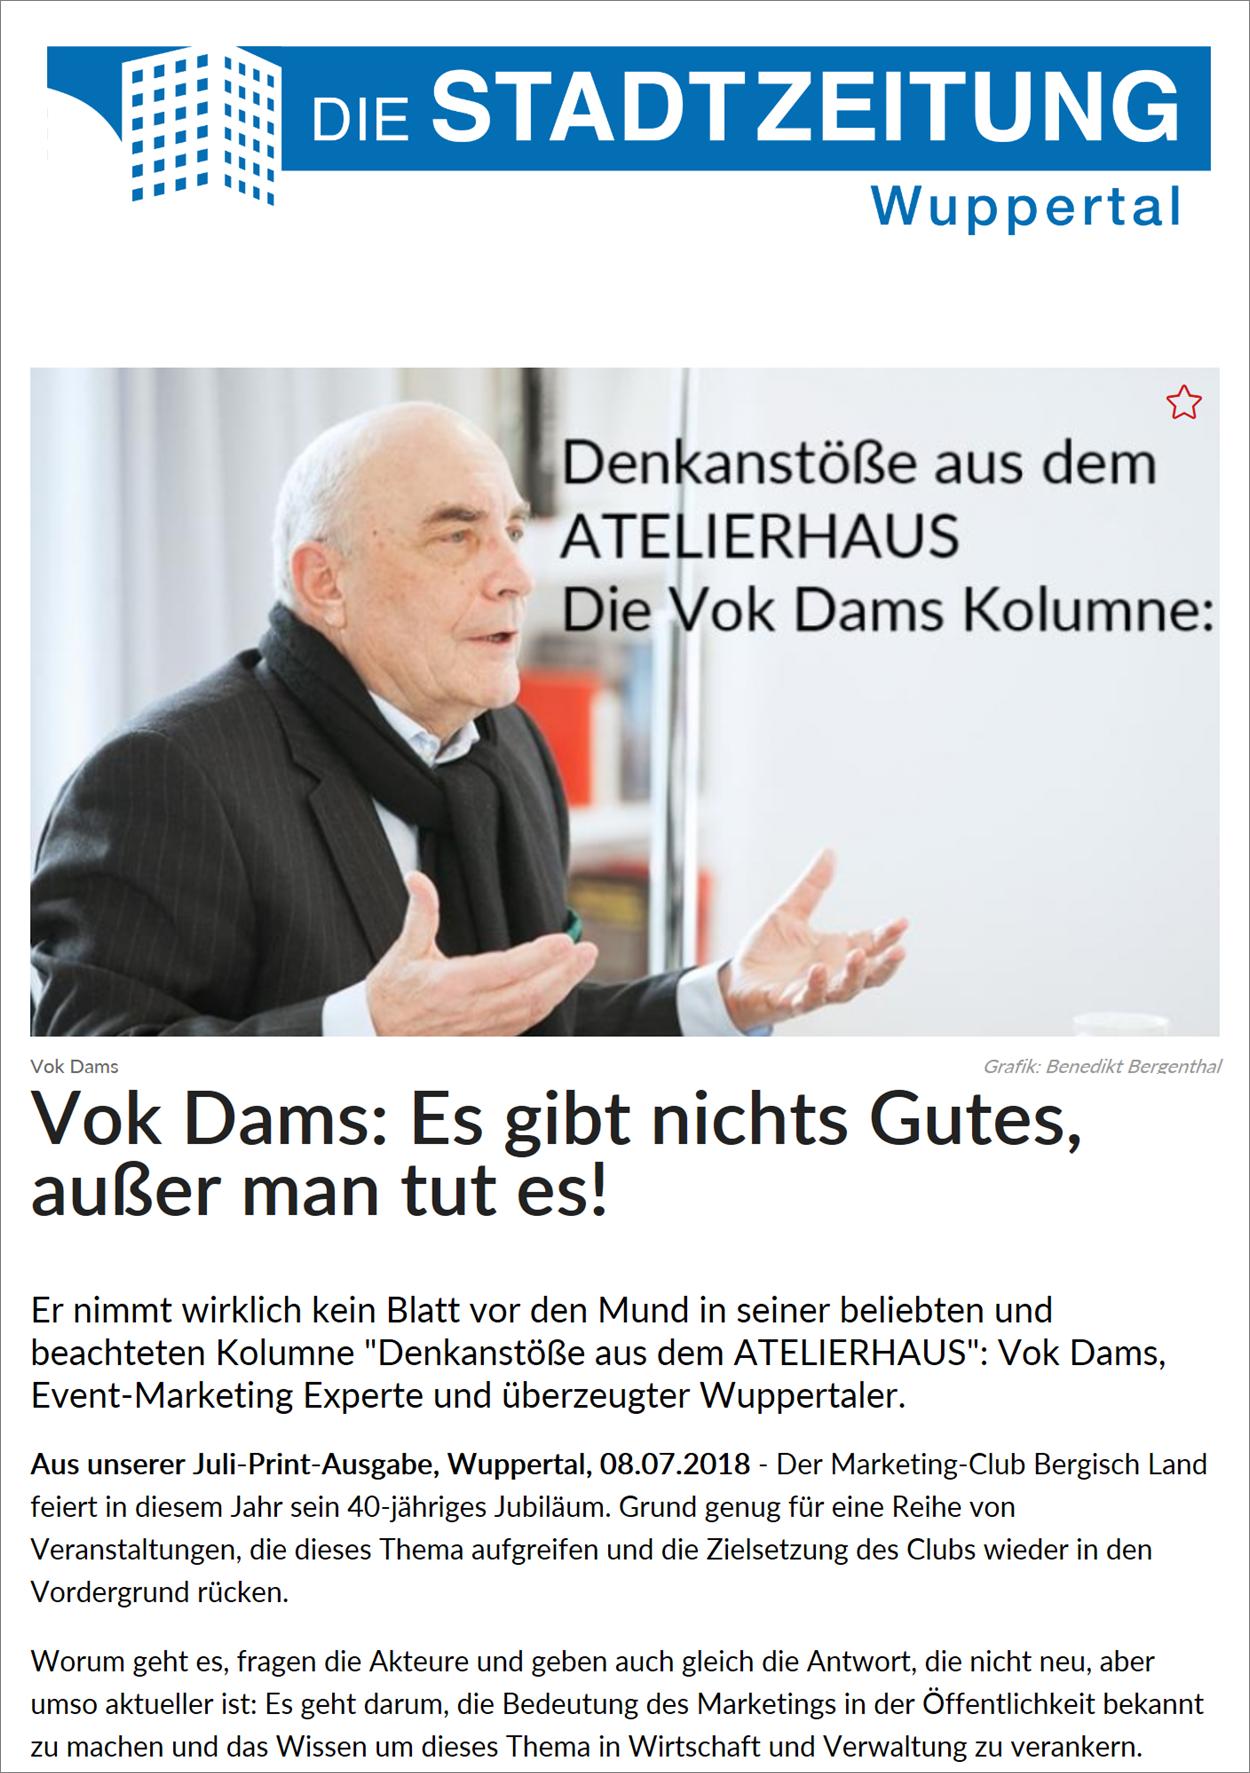 18-07-09_Die Stadtzeitung Wuppertal